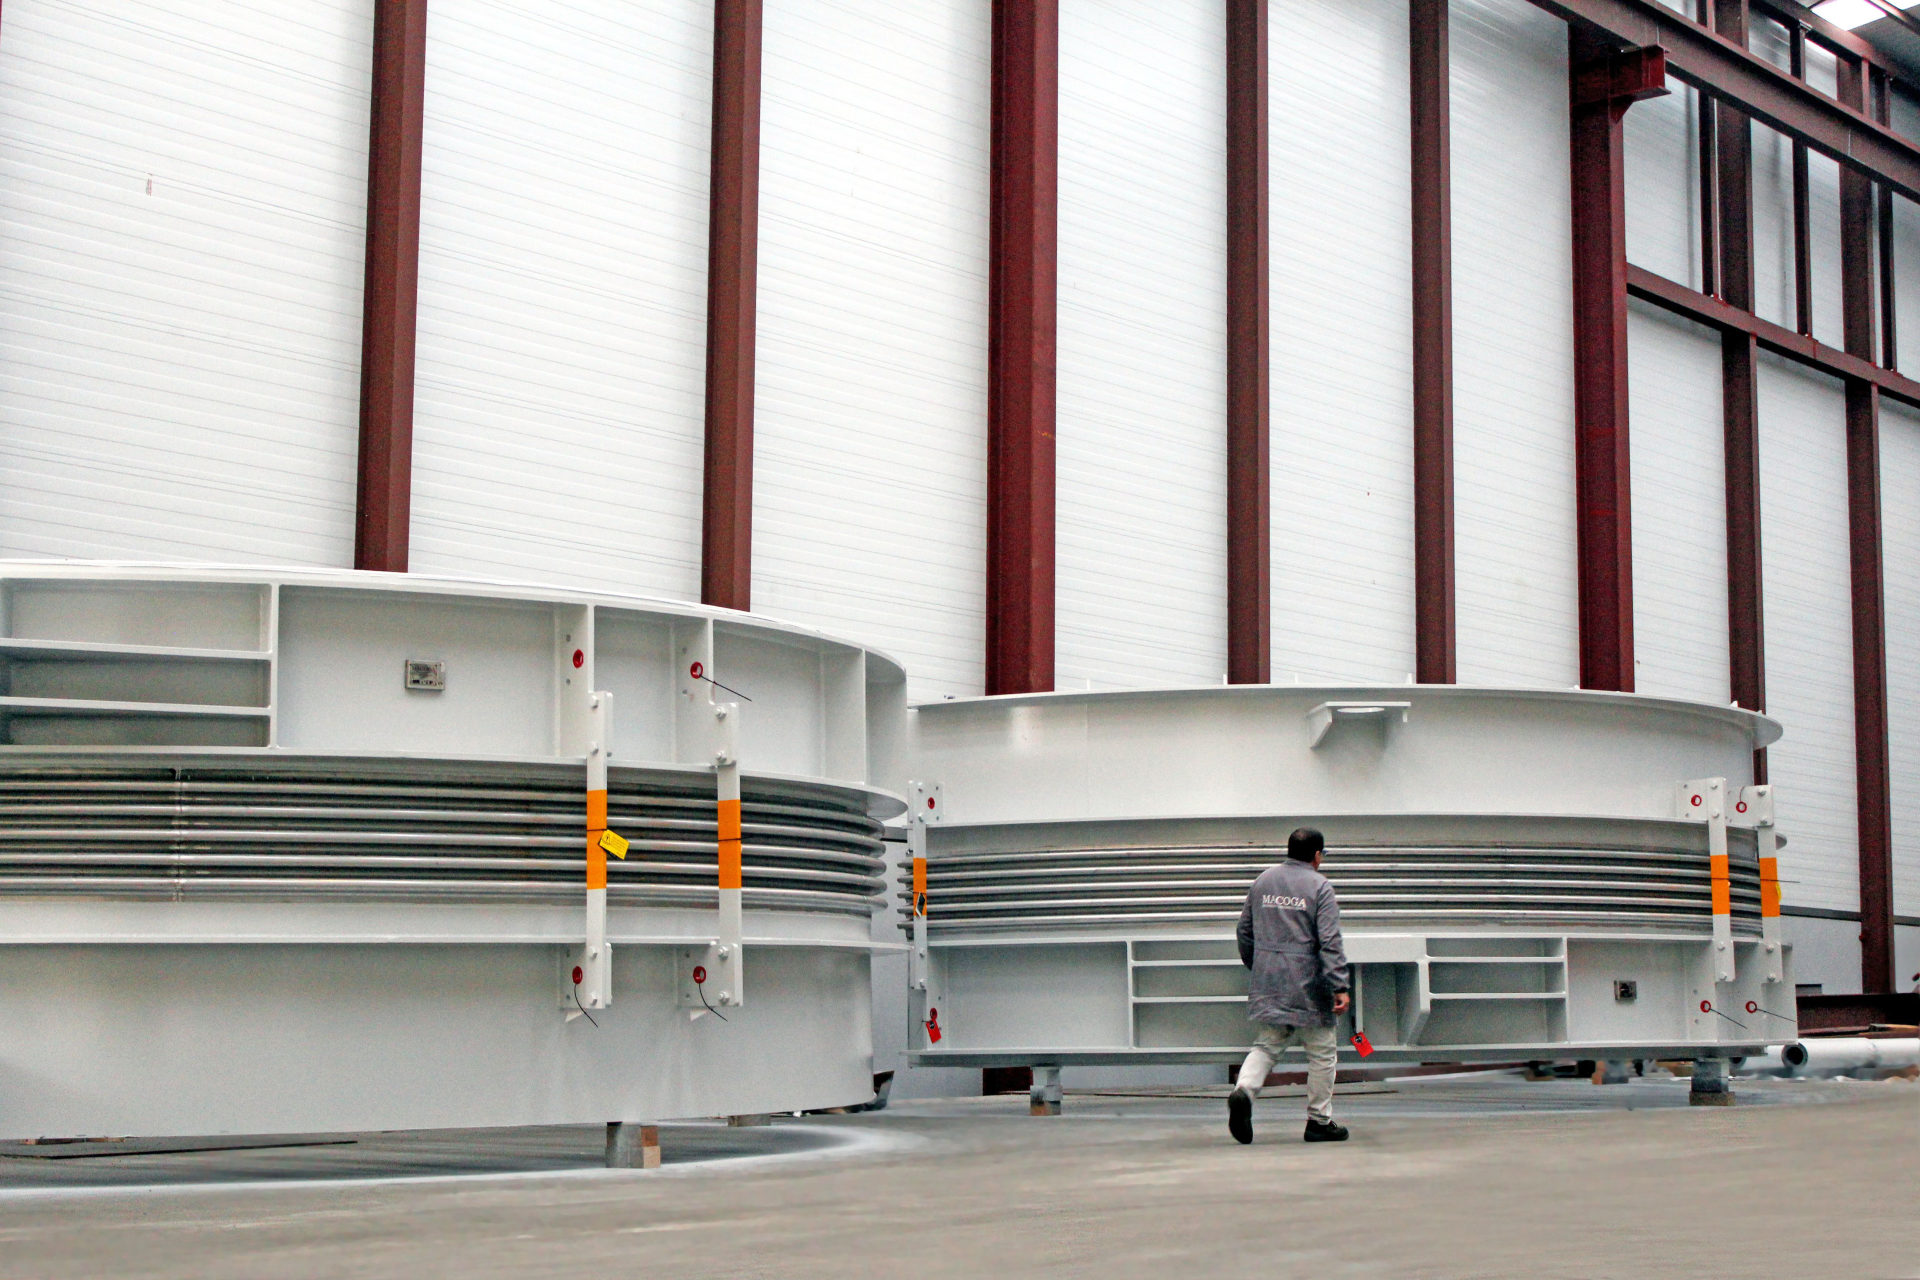 Junta universal con tirantes DN 7900 para gran planta de ciclo combinado en Oriente Medio